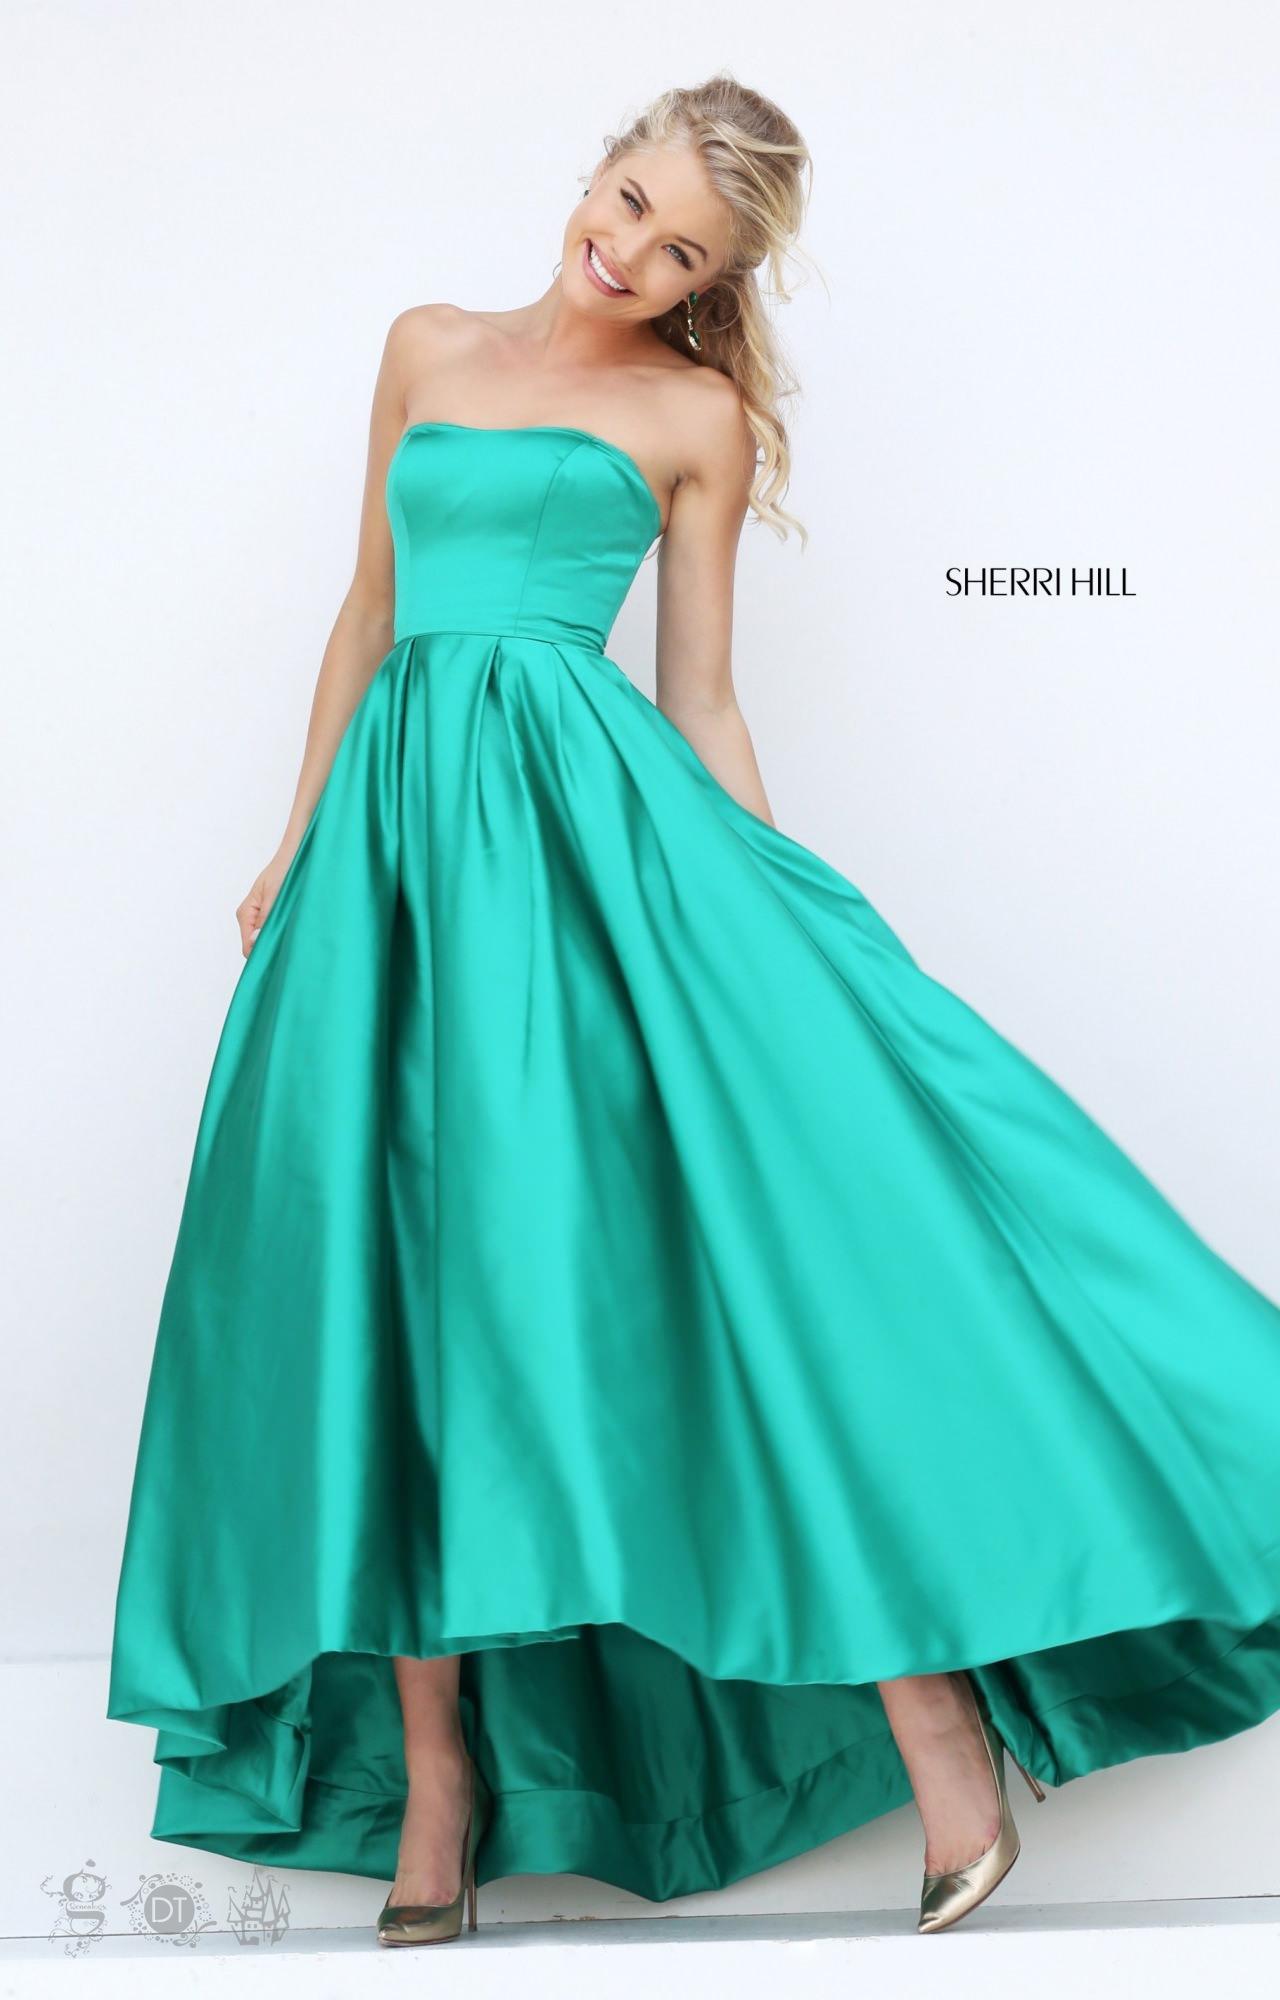 Sherri Hill 50226 - Tea Party Dress Prom Dress